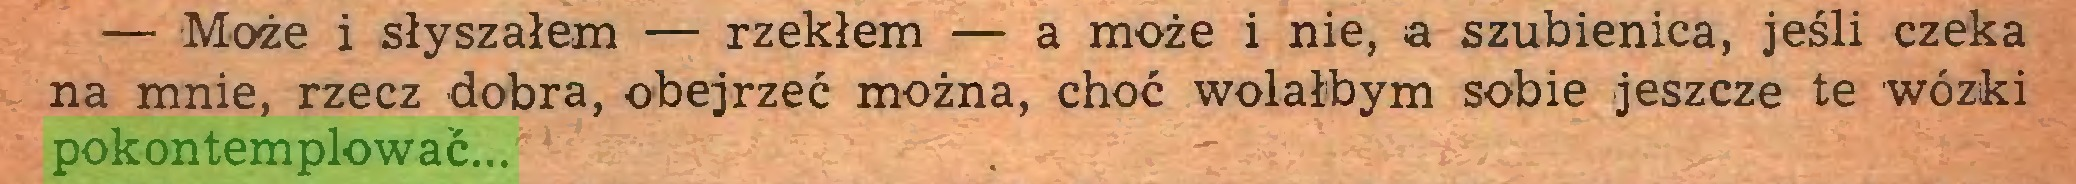 (...) — Może i słyszałem — rzekłem — a może i nie, a szubienica, jeśli czeka na mnie, rzecz dobra, obejrzeć można, choć wolałbym sobie jeszcze te wózki pokontemplować...